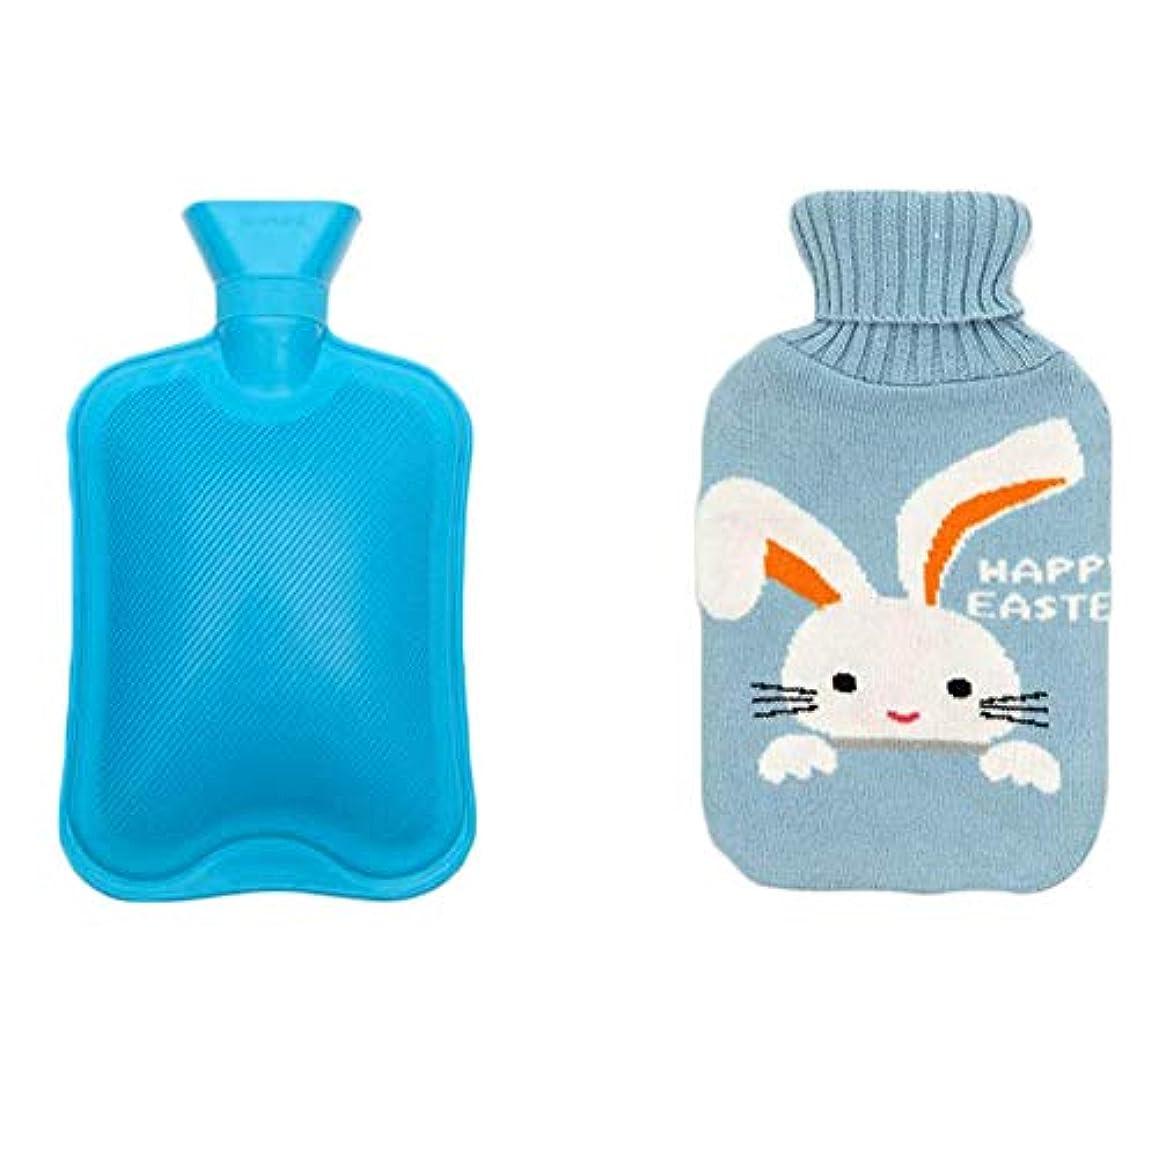 分布アフリカ人感心するかわいいウサギのデザイン 冬のホットボトル1リットル